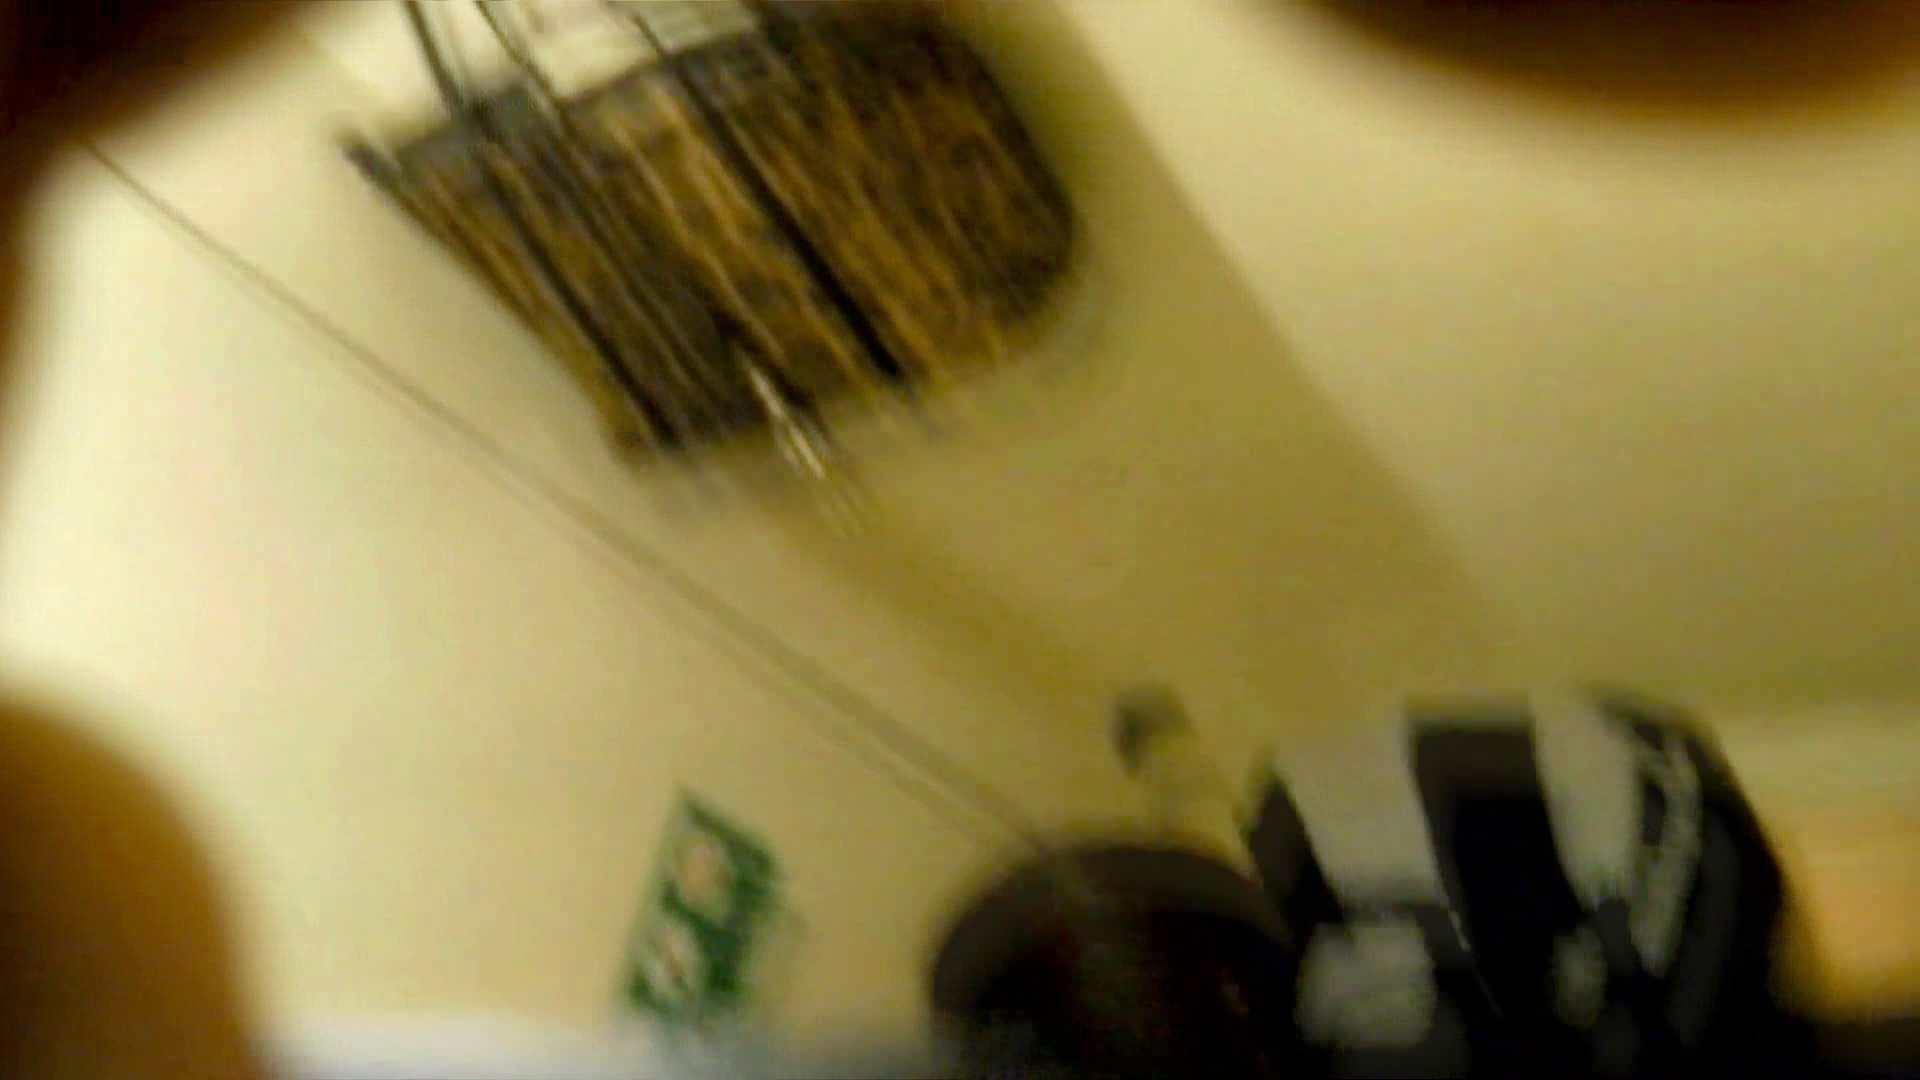 新世界の射窓 No72 モデル級なら個室から飛び出て追っかけます 洗面所  74連発 48